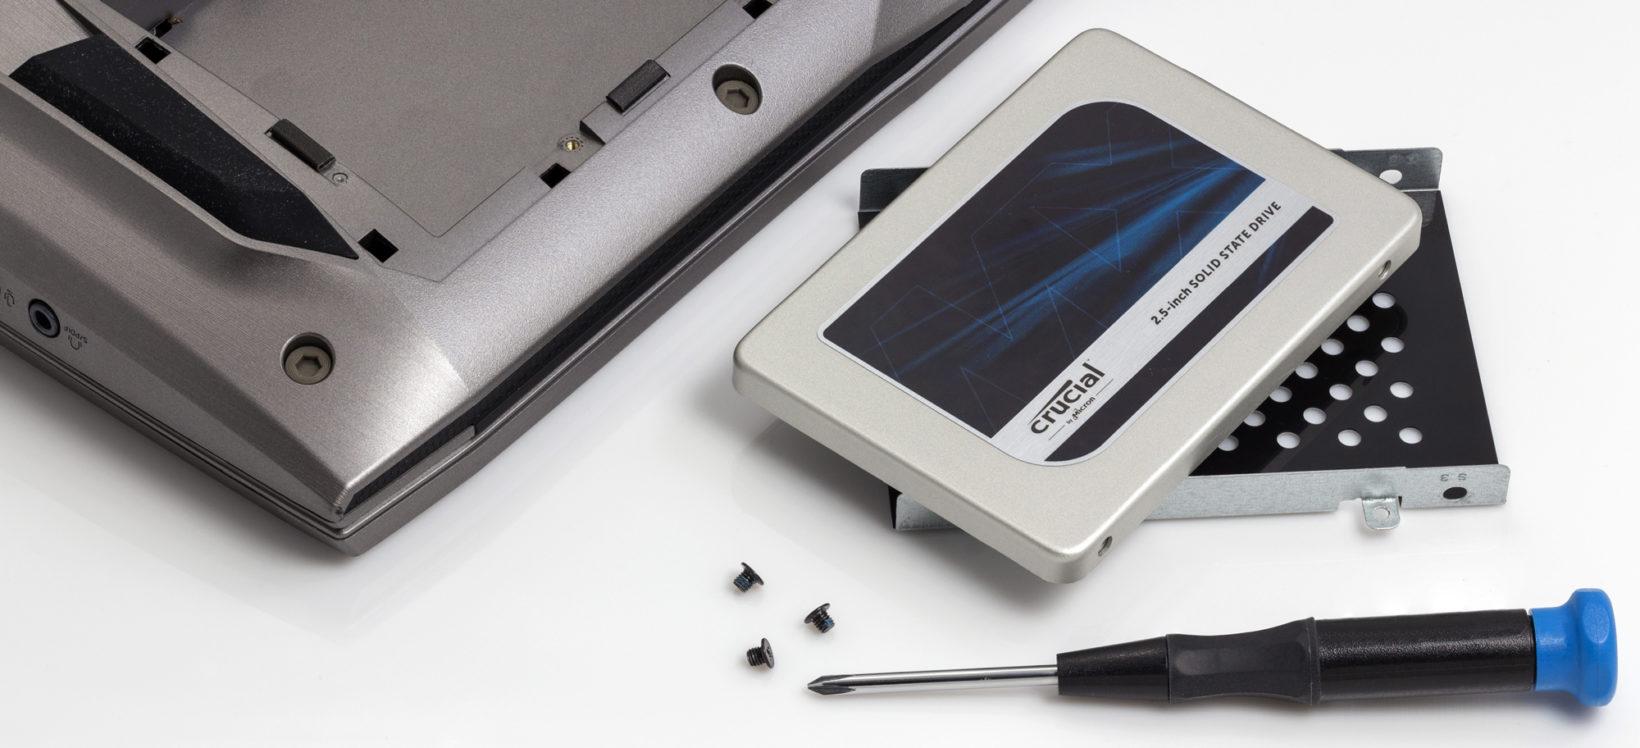 Installazione SSD